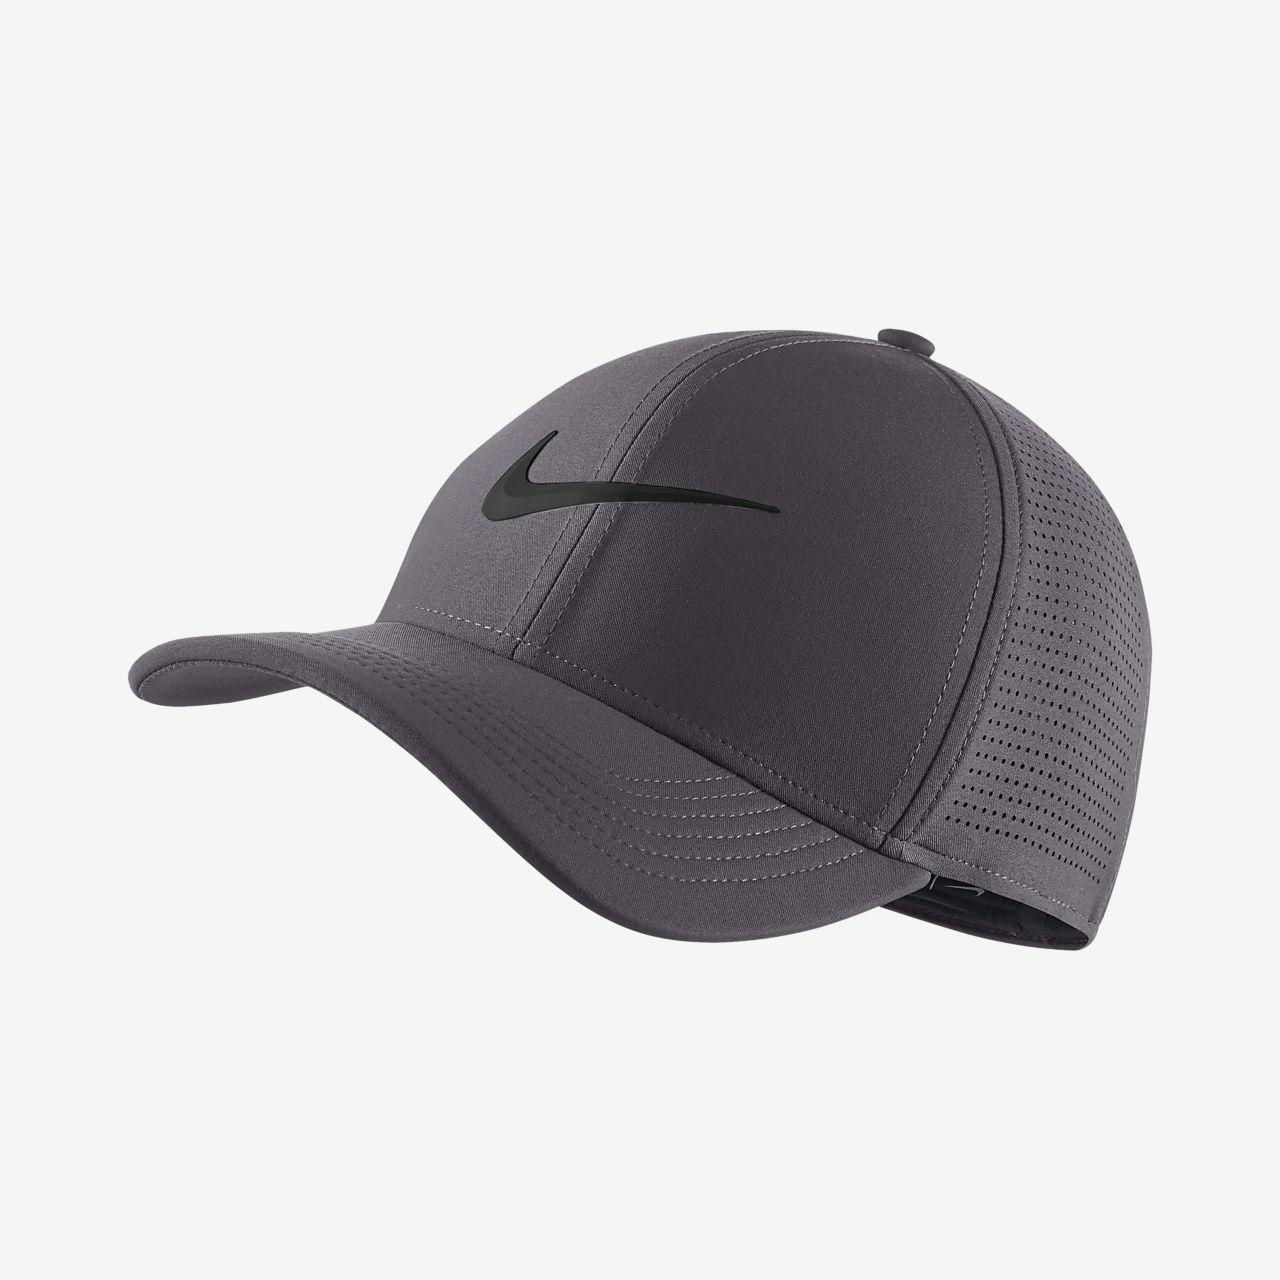 f3869d3dd8a11 Nike AeroBill Classic 99 Fitted Golf Hat. Nike.com CA